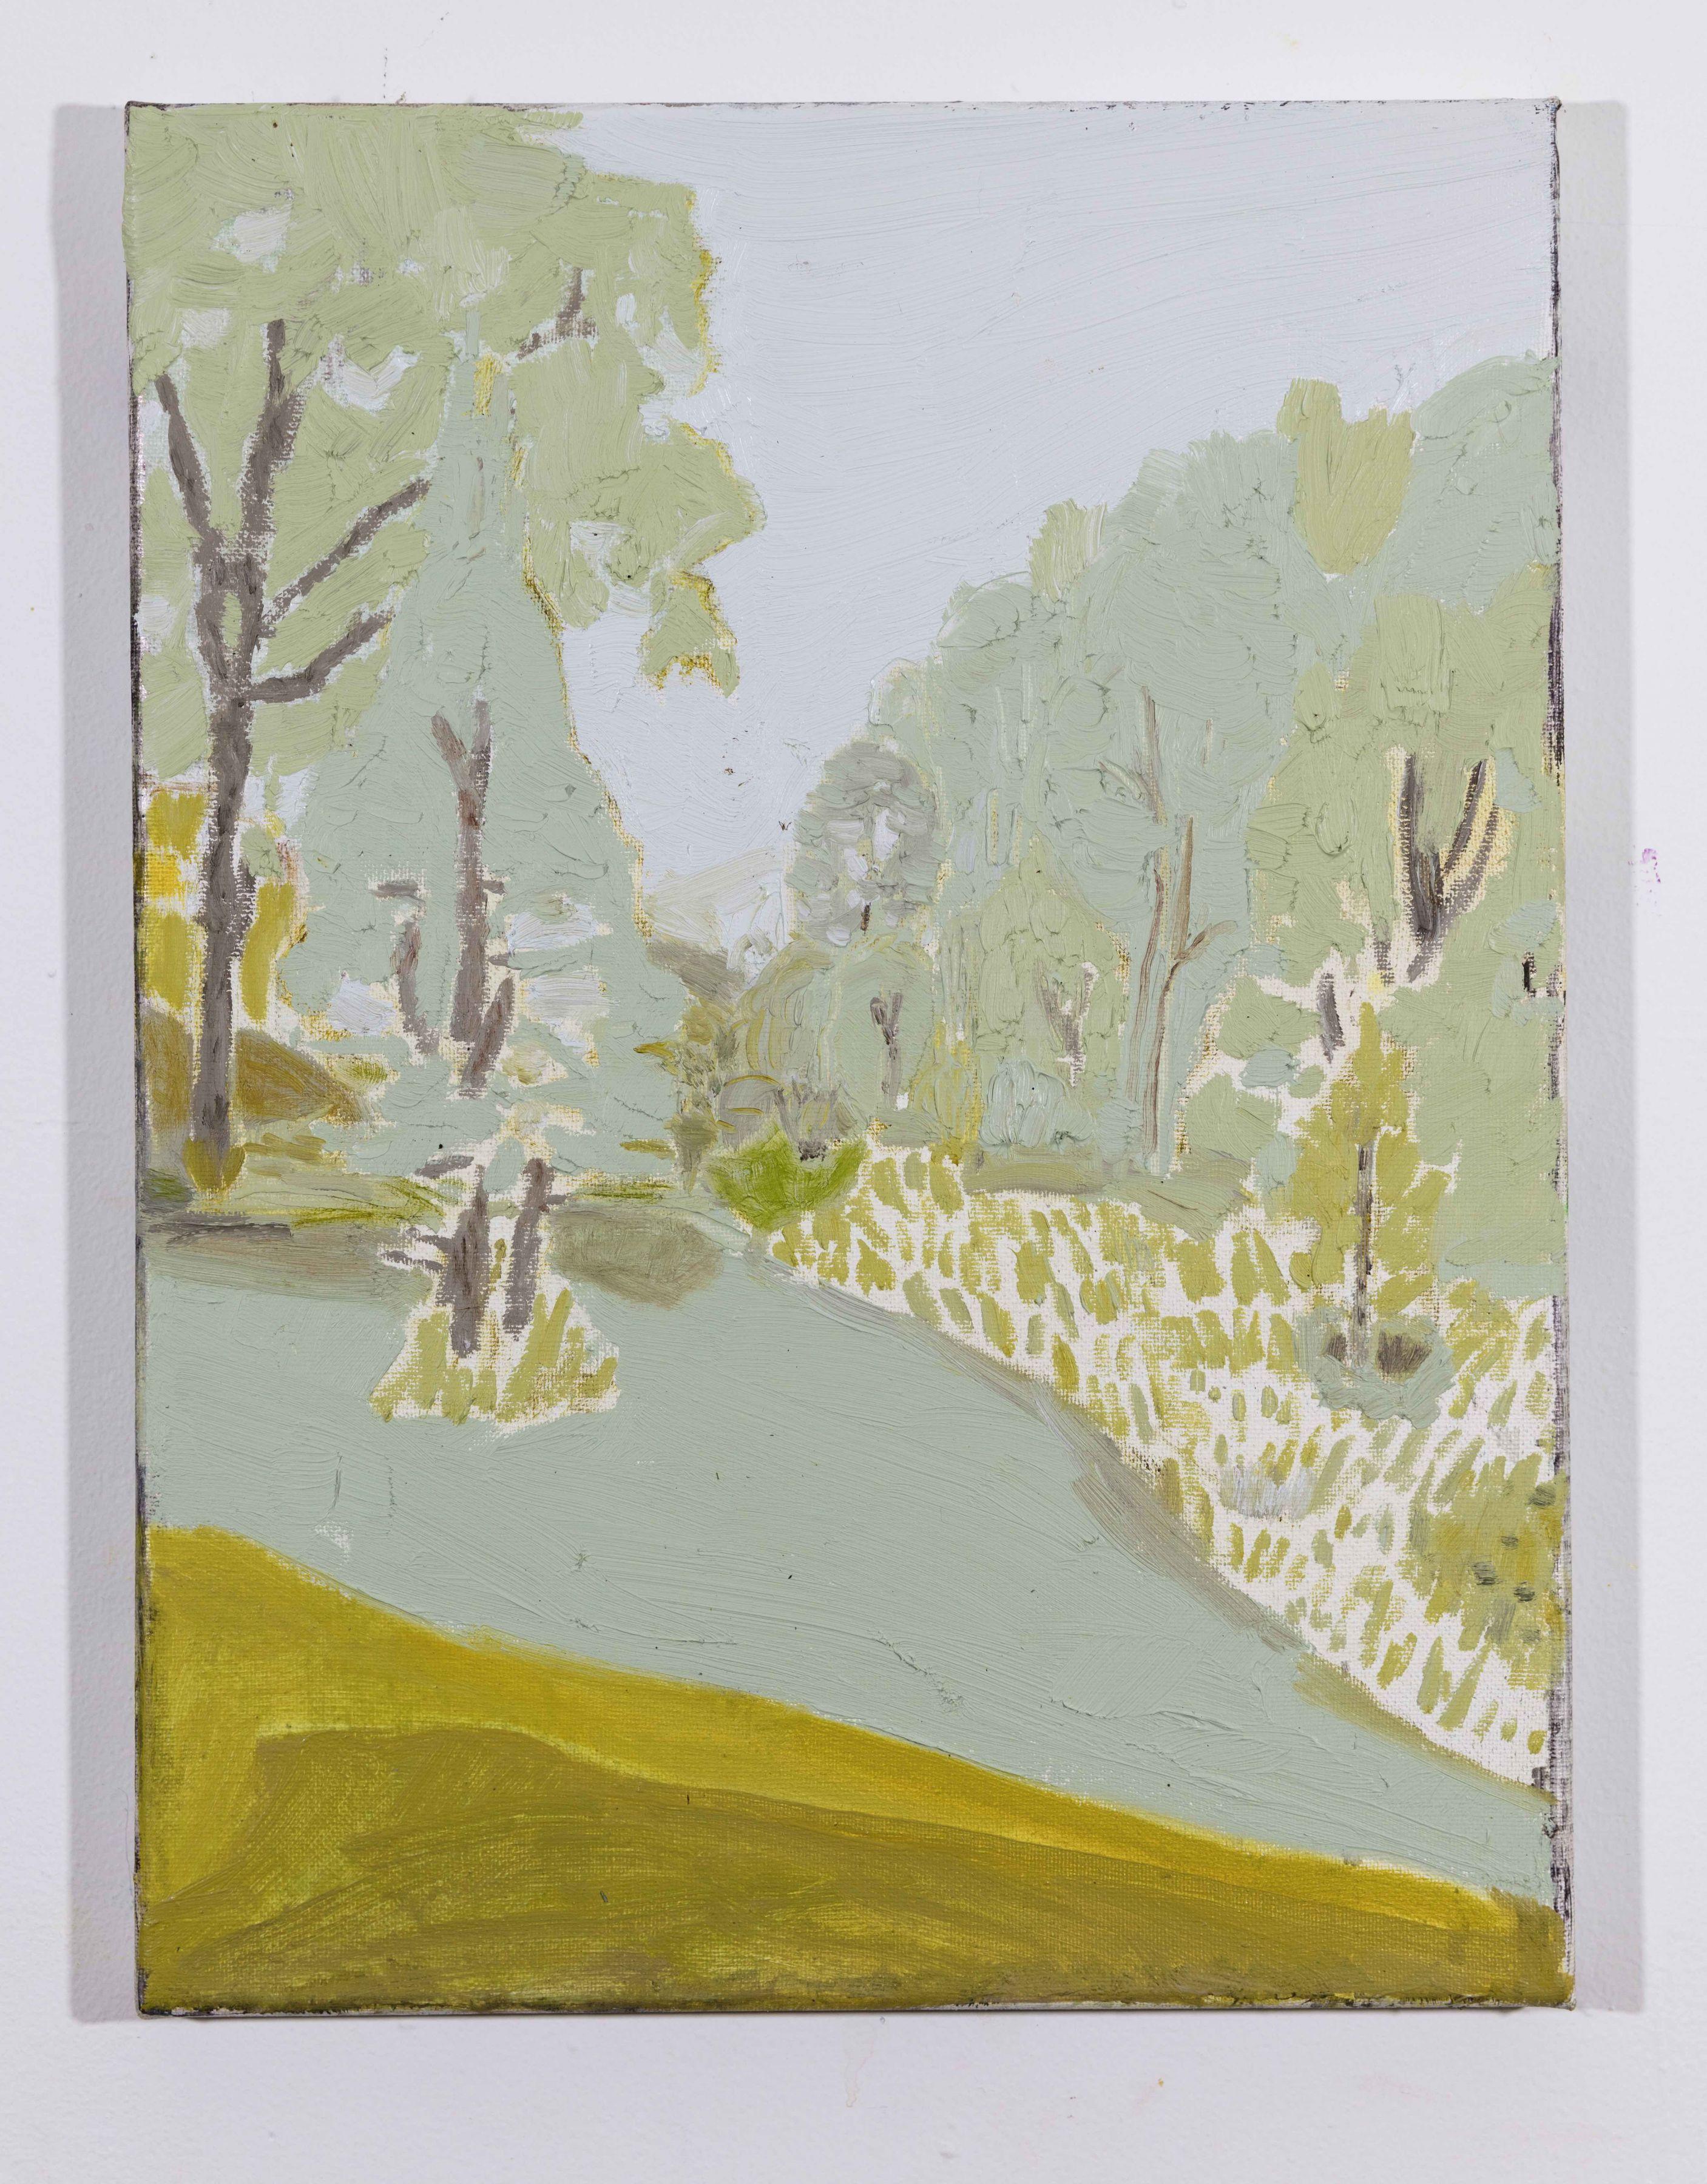 LISA SANDITZ, Landscape Color Study 15, 2019